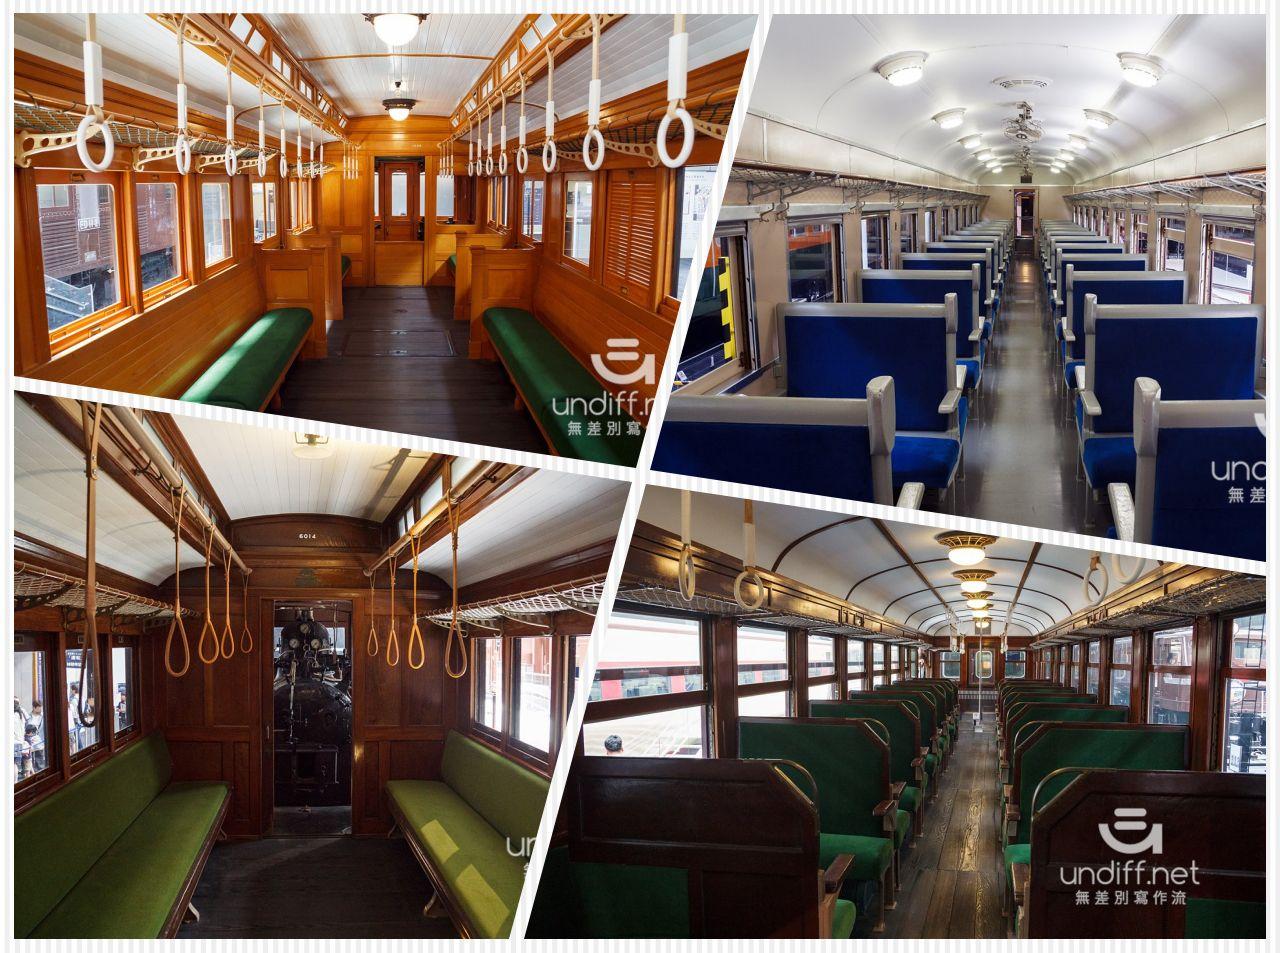 【名古屋景點】JR磁浮鐵道館 》體驗鐵道歷史與科技進步的軌跡 32